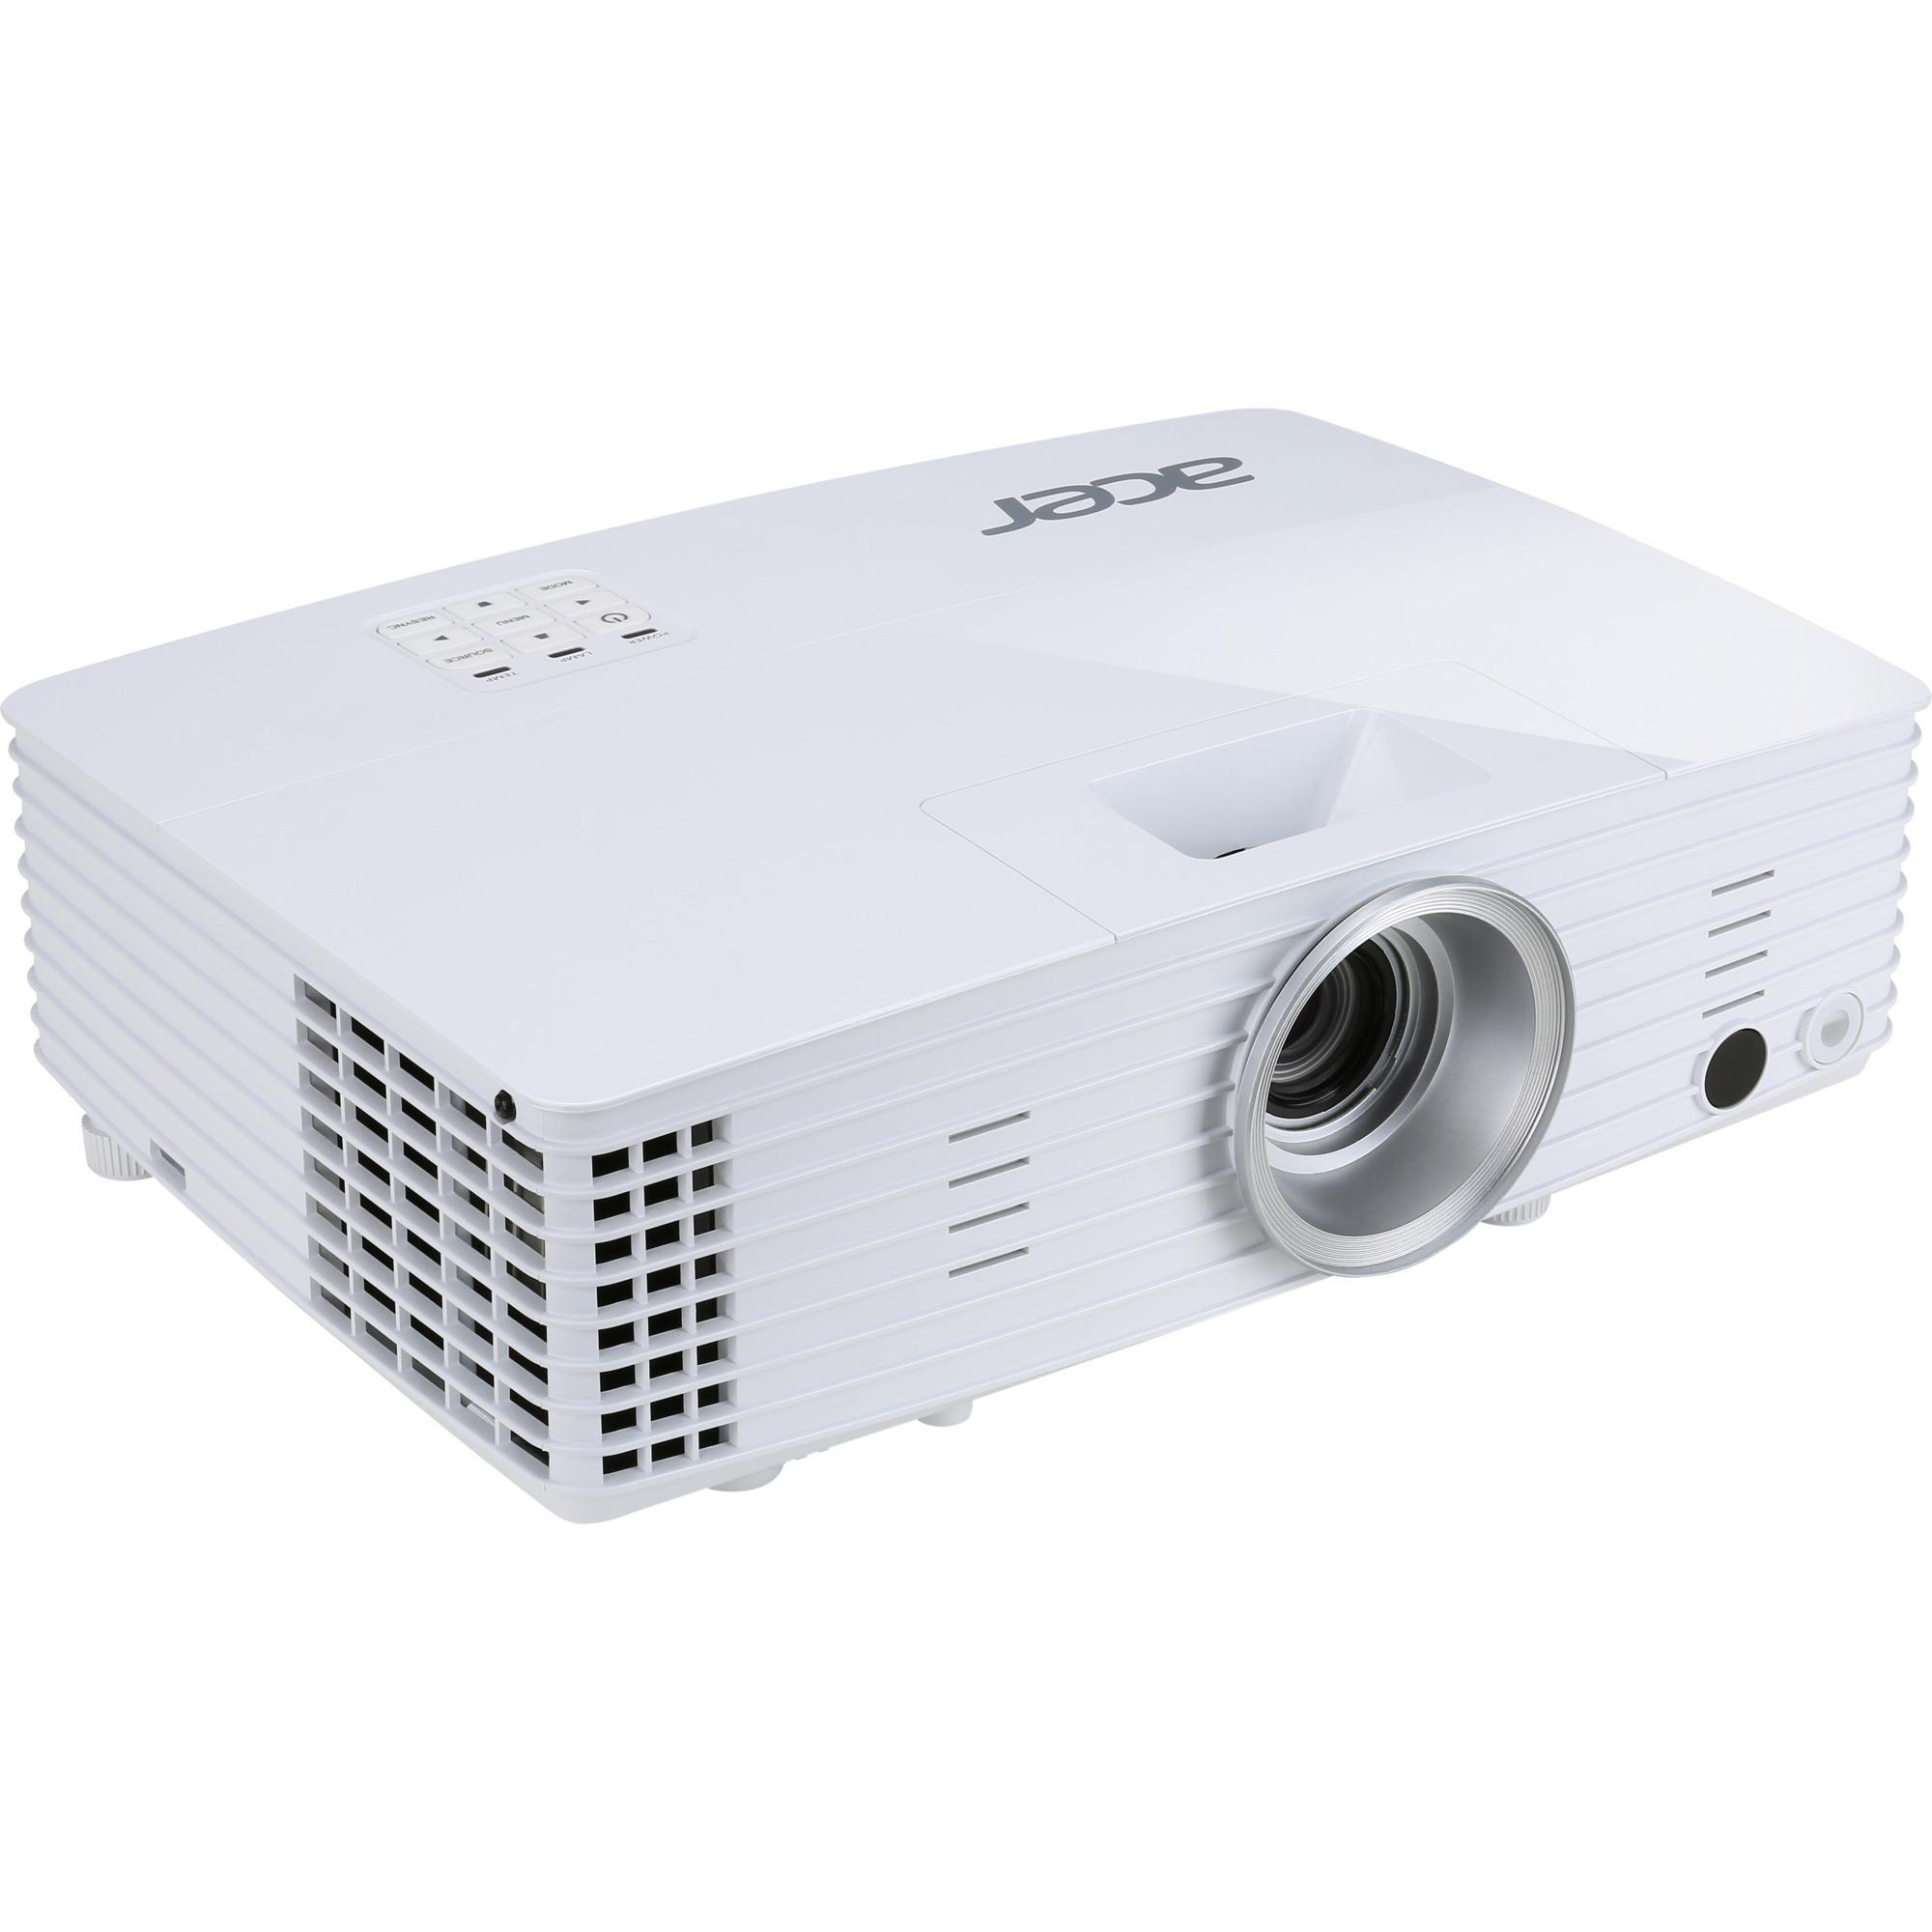 H6502BD Projecteur de bureau 3400ANSI lumens DLP 1080p (1920x1080) Blanc vidéo-projecteur, Projecteur DLP